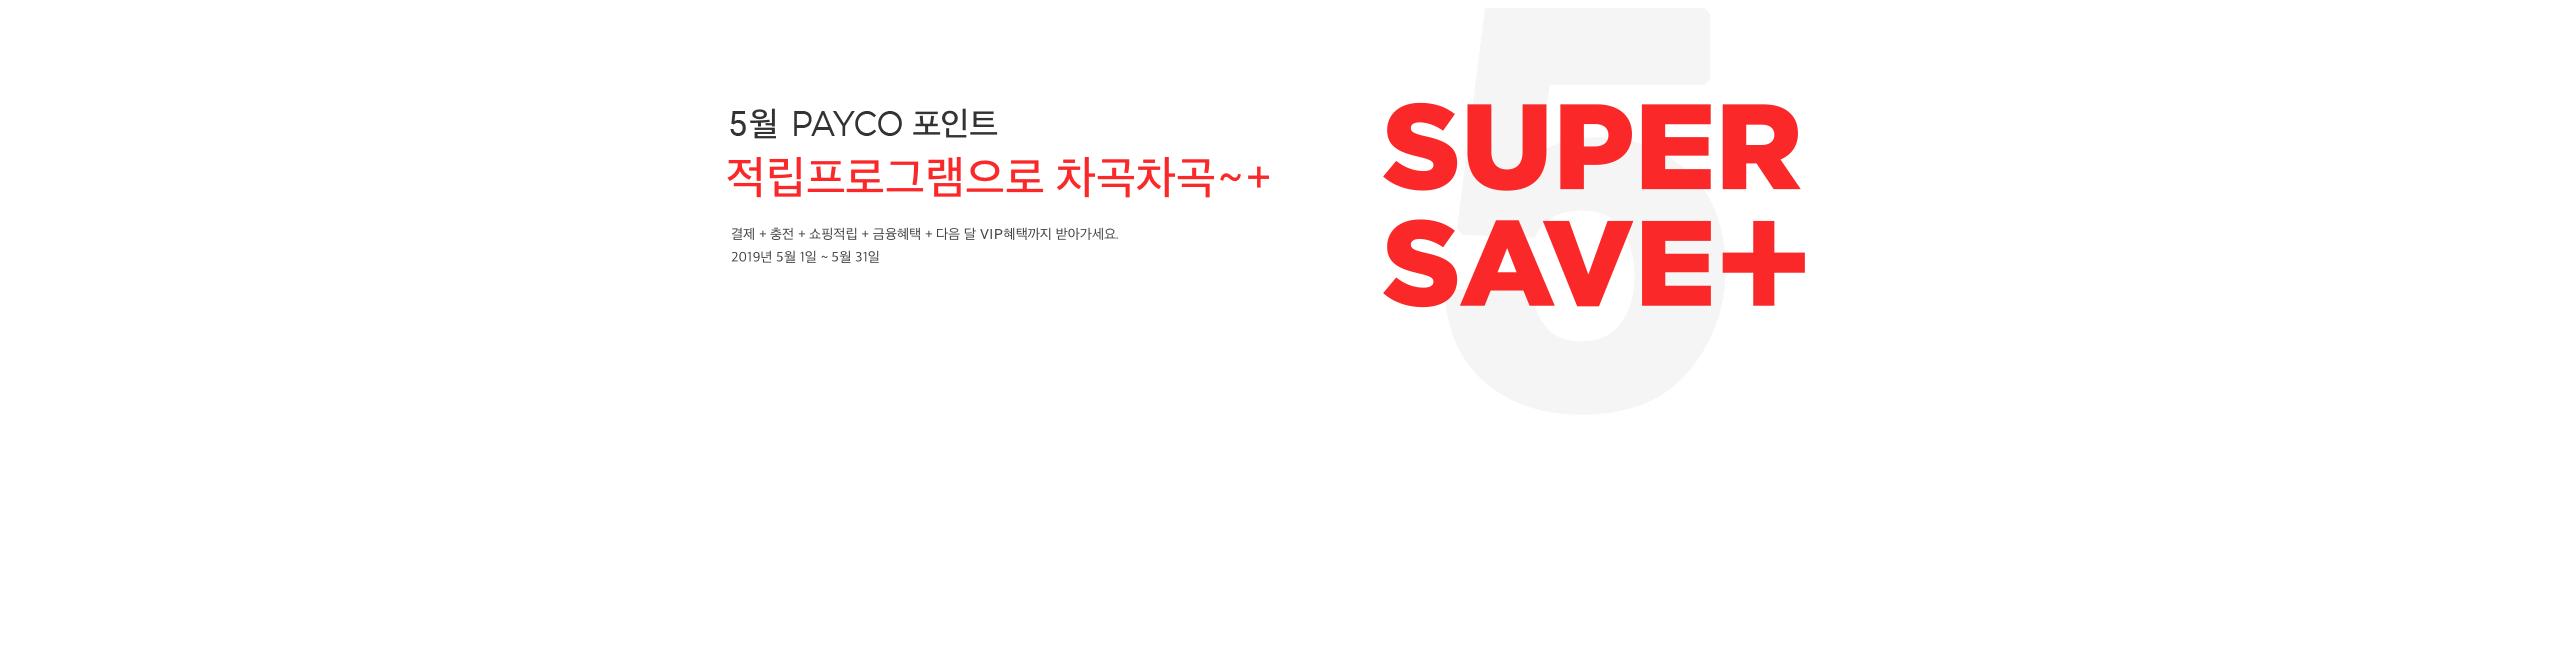 2월 SUPER SAVE+